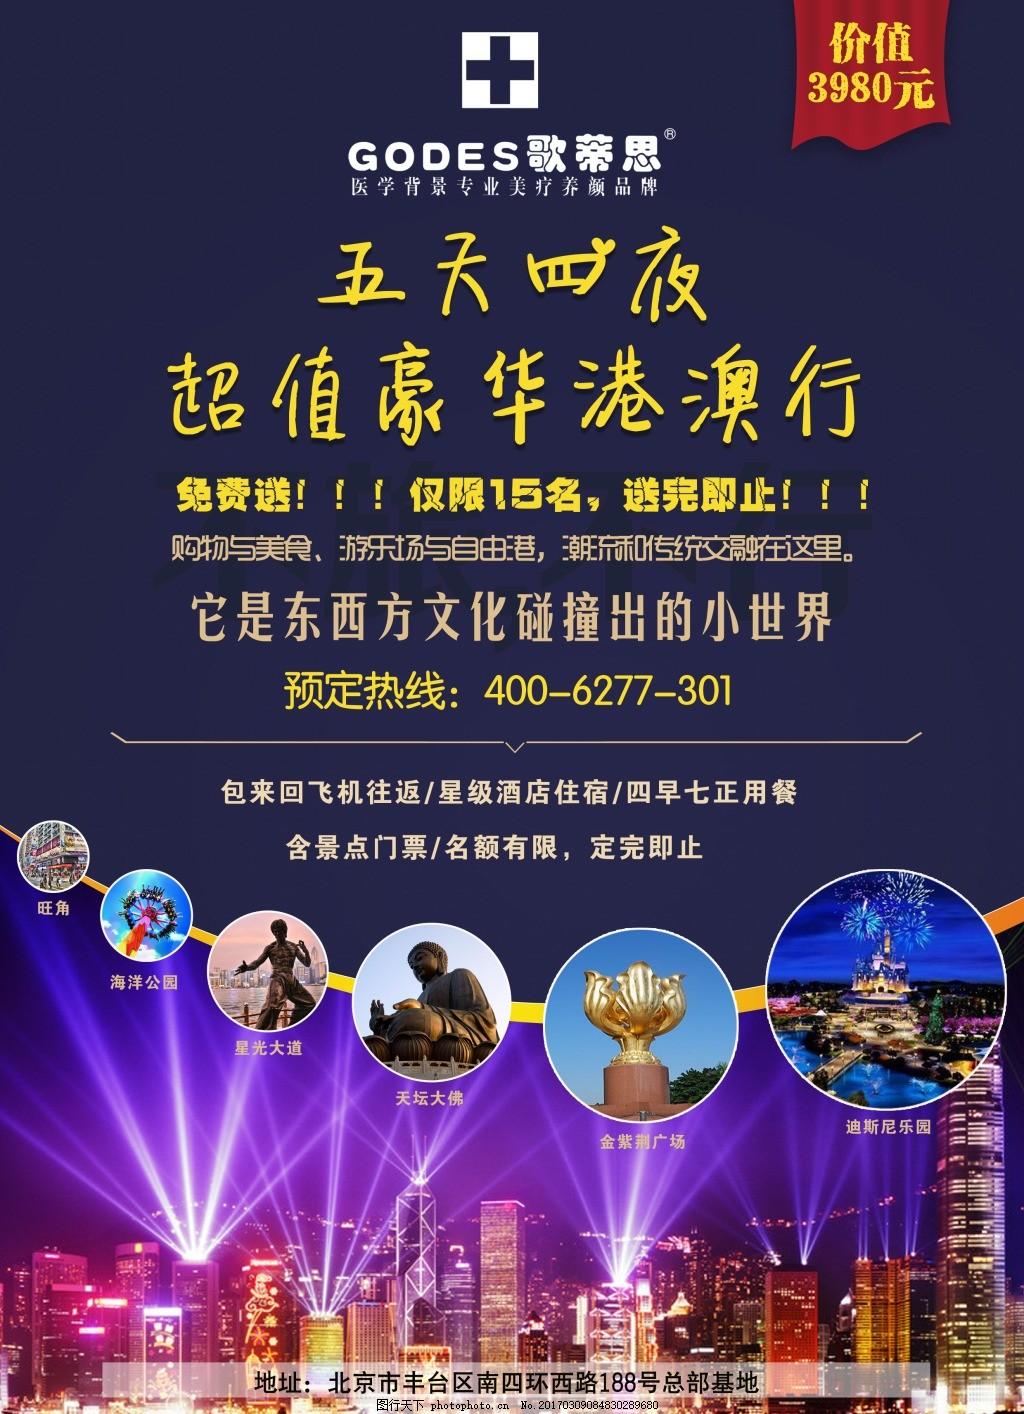 港澳游海报 旅游宣传海报 旅游海报 海报设计